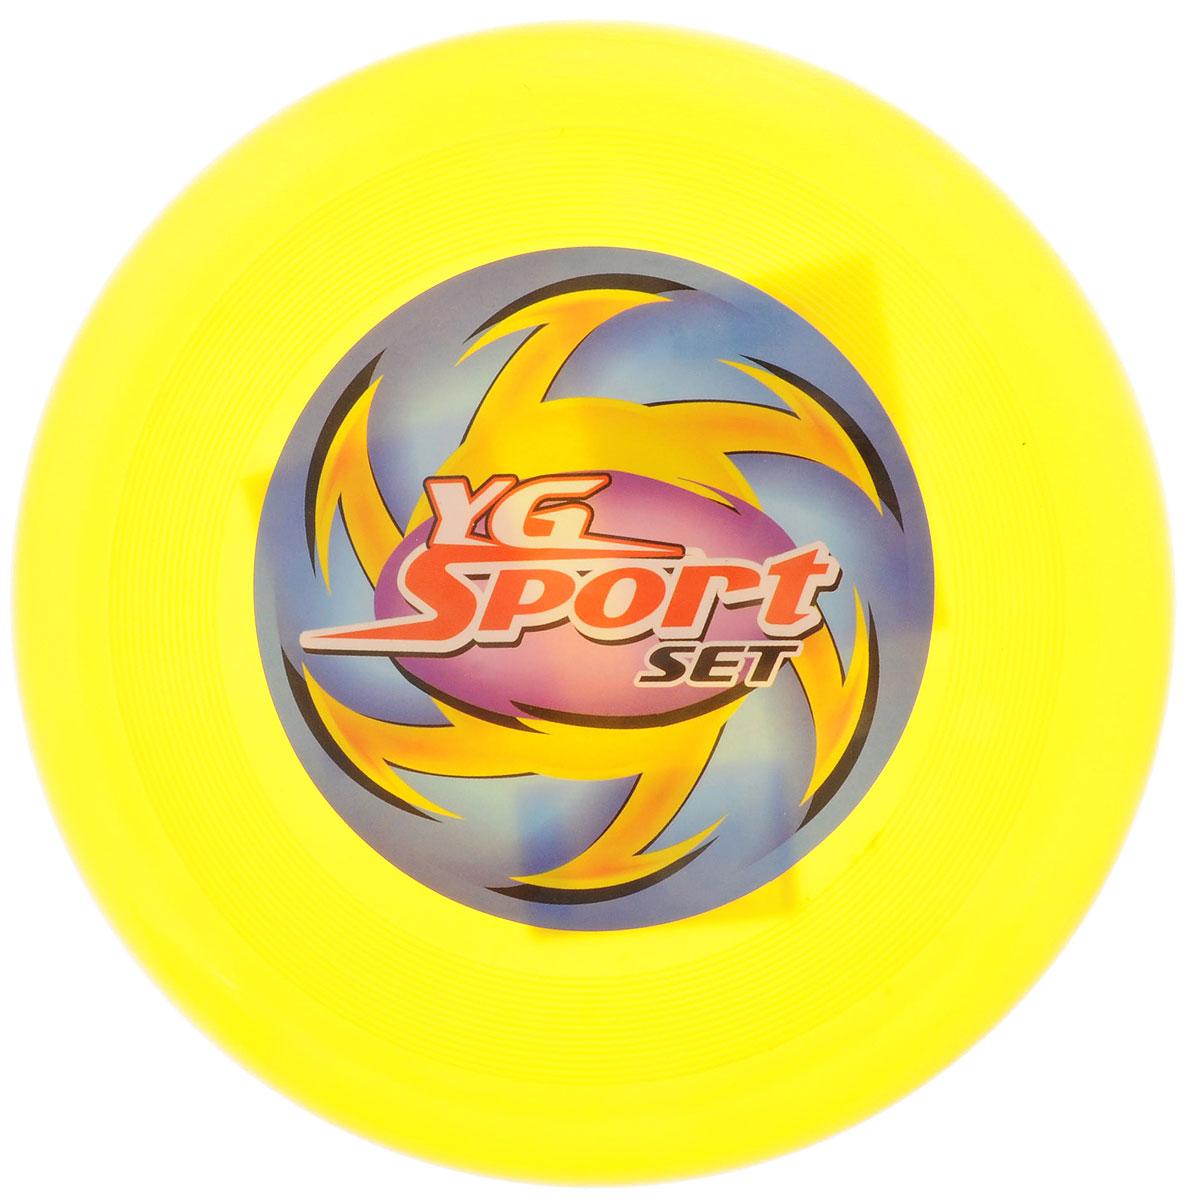 YG Sport Летающий диск цвет желтый yg sport игровой набор лови бросай